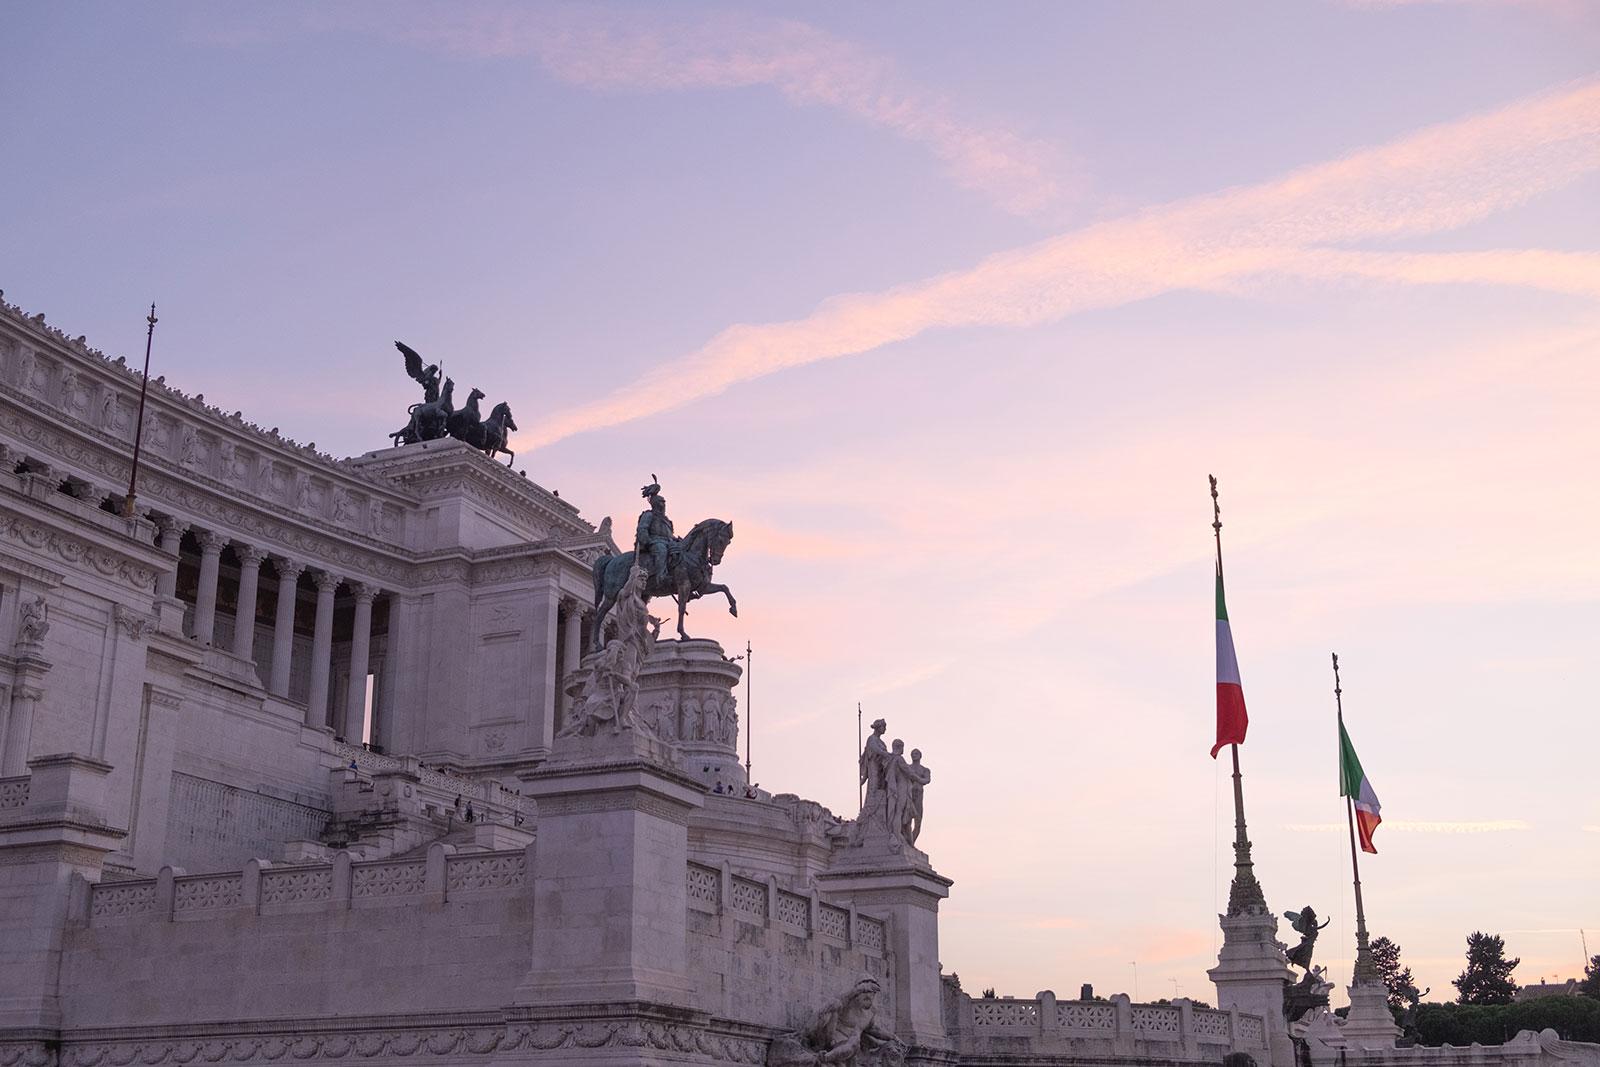 Rome_Italy_2